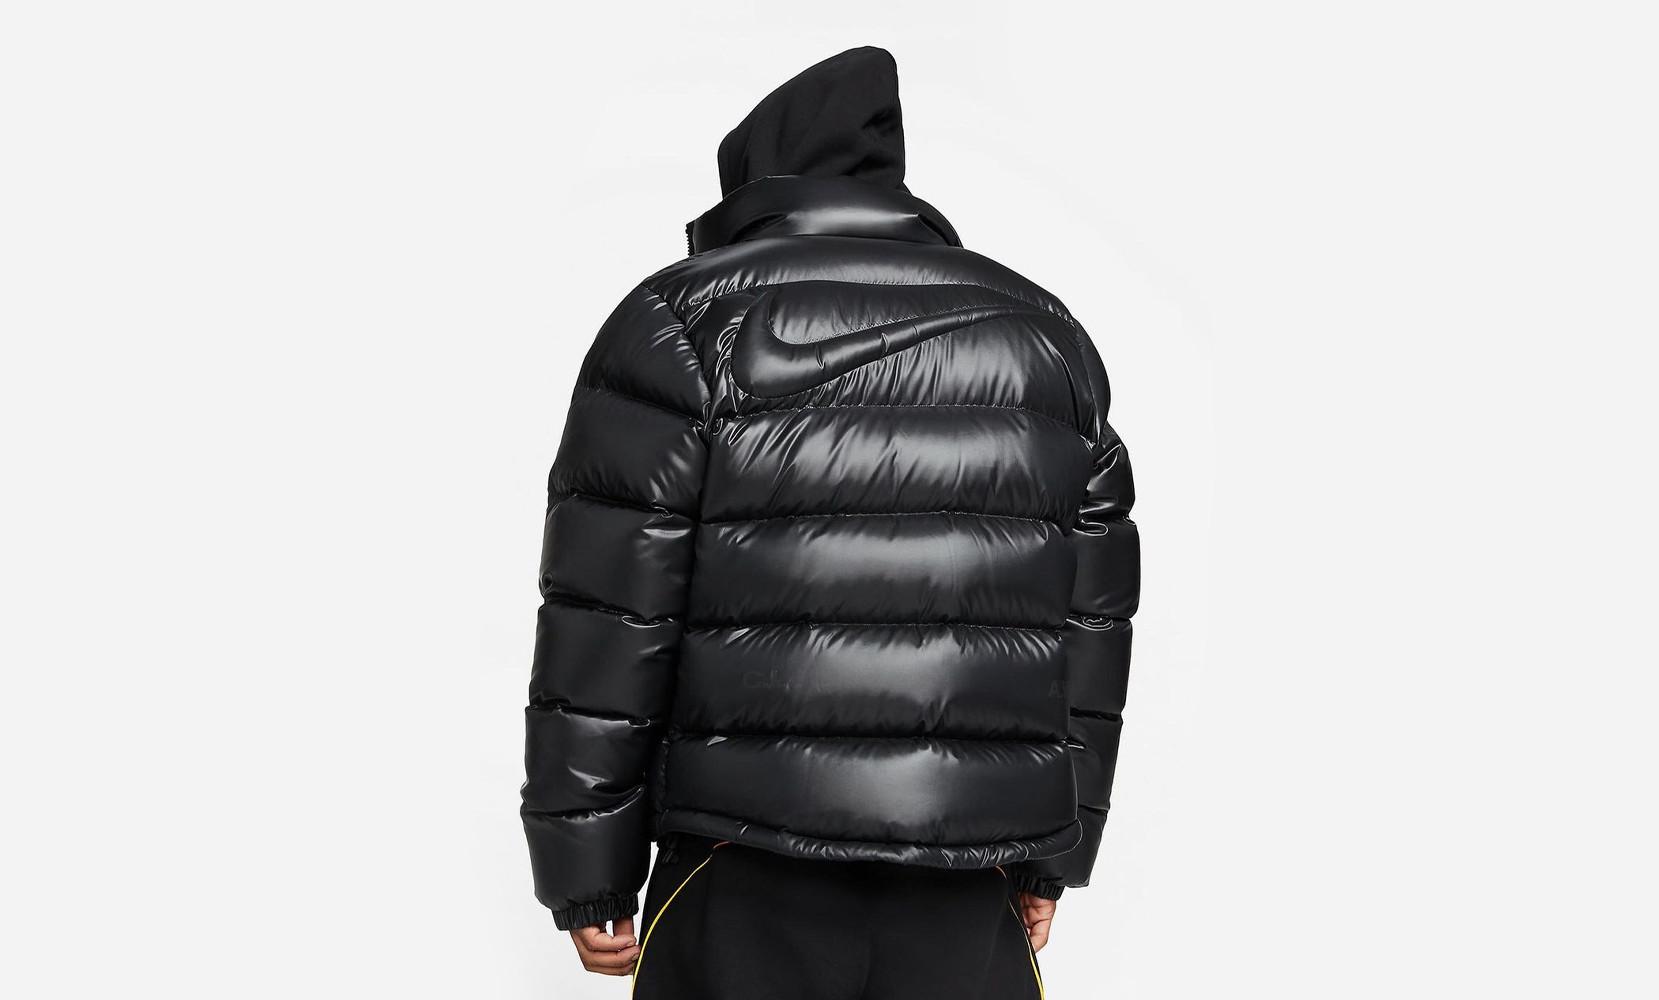 Drake x Nike Nocta puffer jacket black